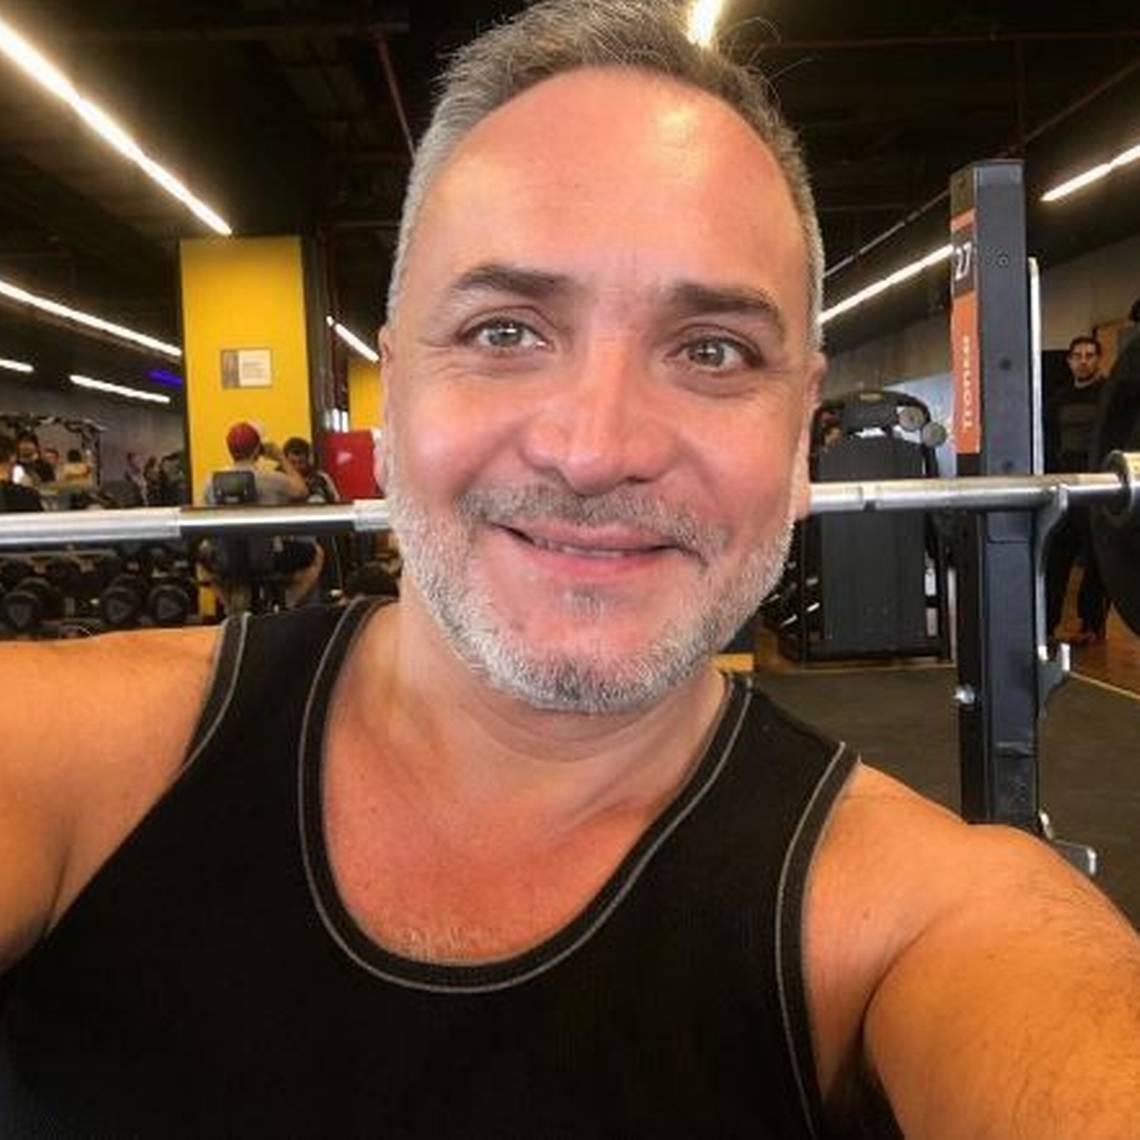 ¡Perrea Lucho, perrea! Escucha el debut reggaetonero de Luis Jara